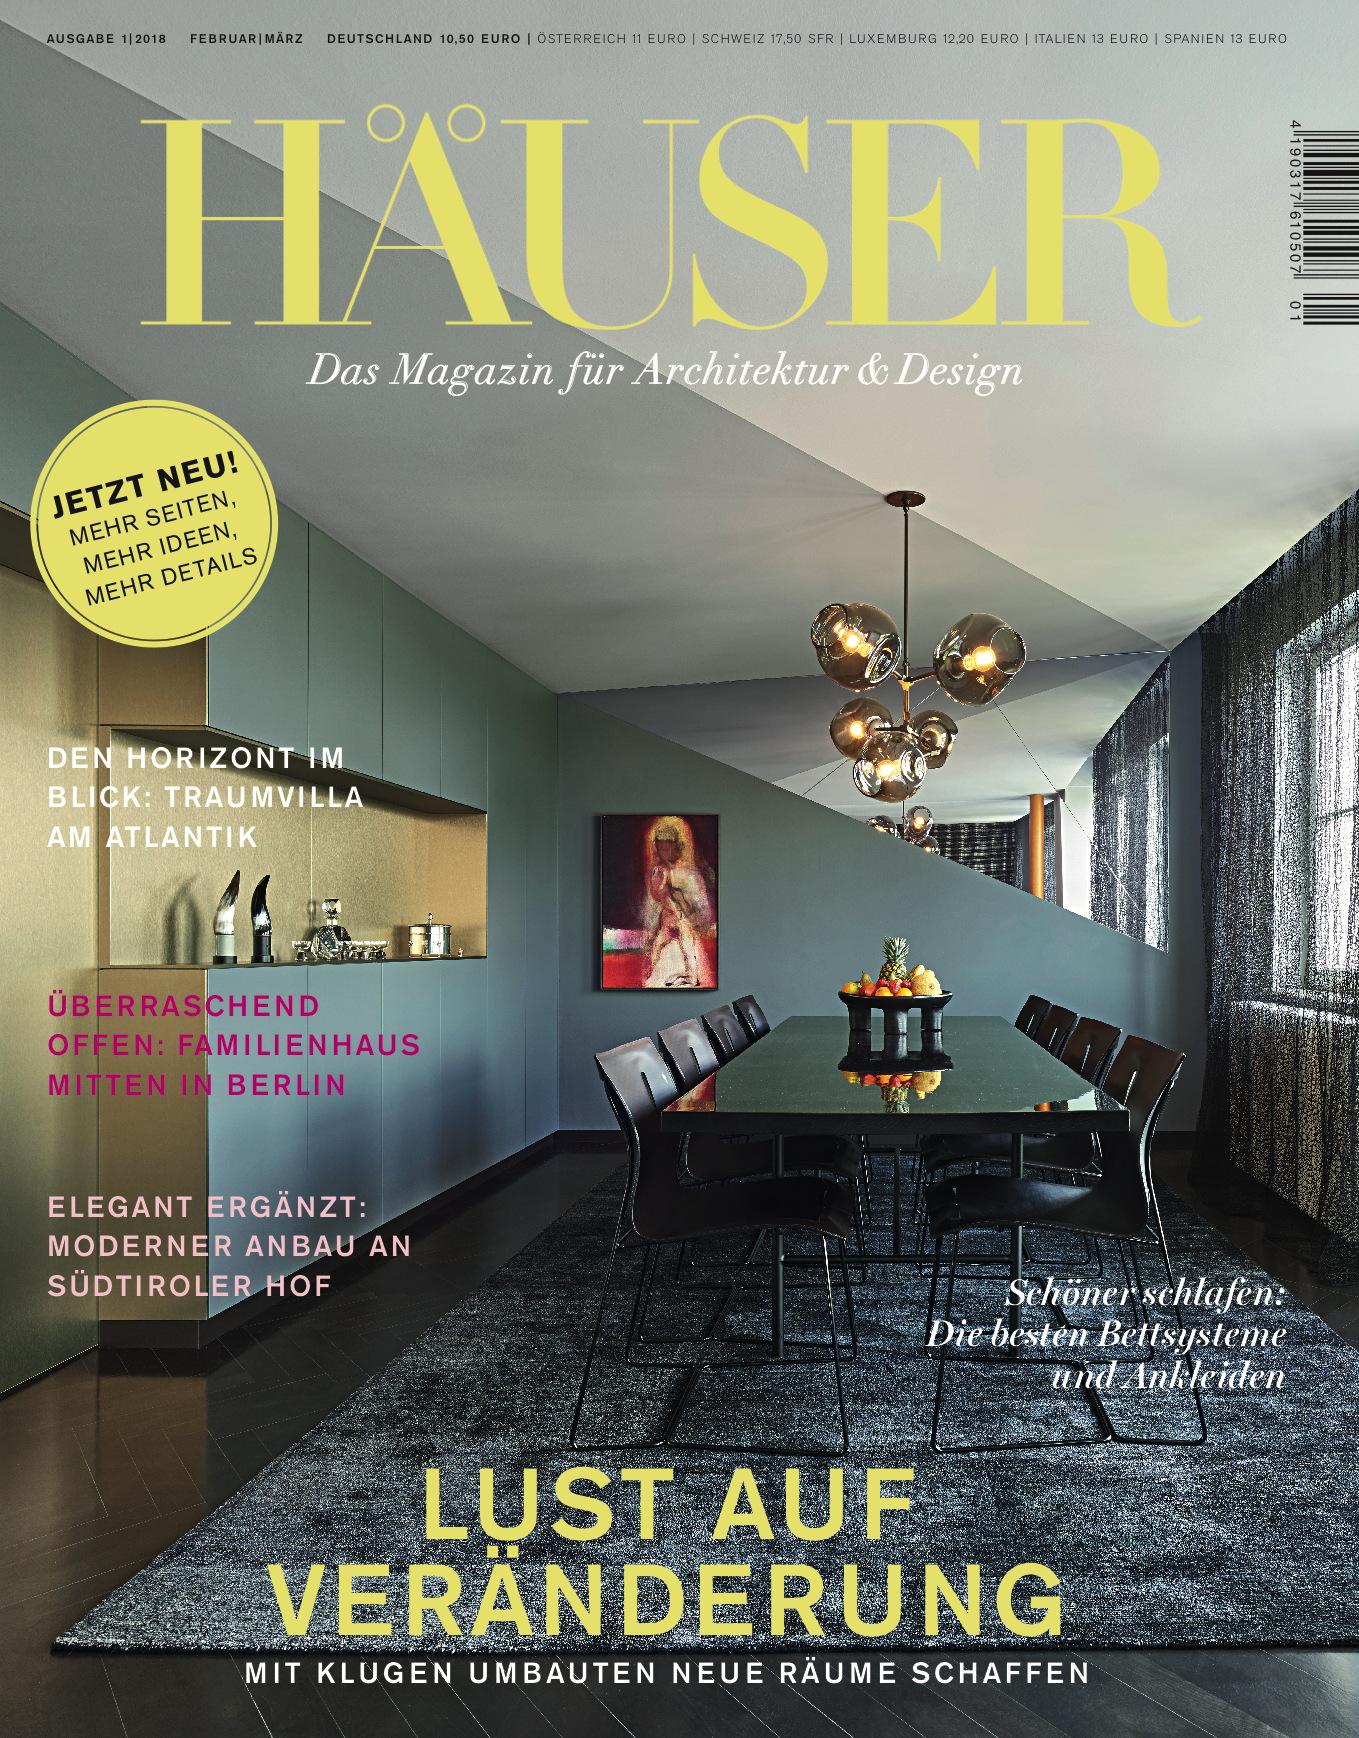 Architektur Magazin deutschlands premium architektur magazin startet qualitätsoffensive